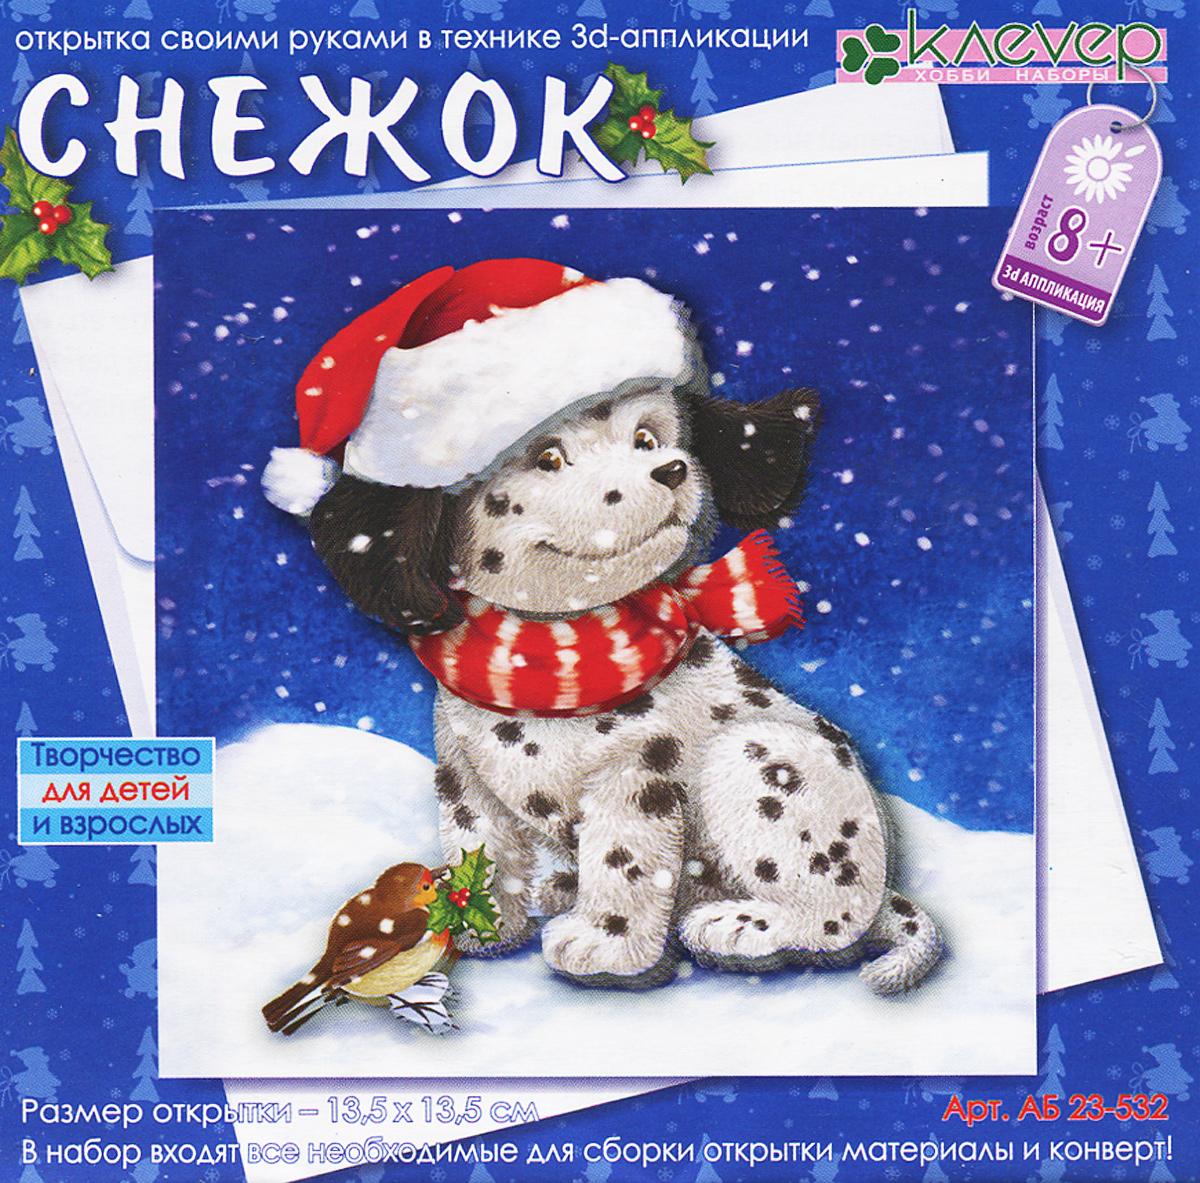 """При помощи набора """"Снежок"""" вы сможете создать великолепную открытку в технике 3d-аппликации. Эта оригинальная открытка, сделанная своими руками, приятно удивит в зимний праздник ваших близких и друзей. Набор включает все необходимое: цветную бумагу, открытку, конверт, объемный двухсторонний скотч двух типов, пошаговую инструкцию на русском языке."""